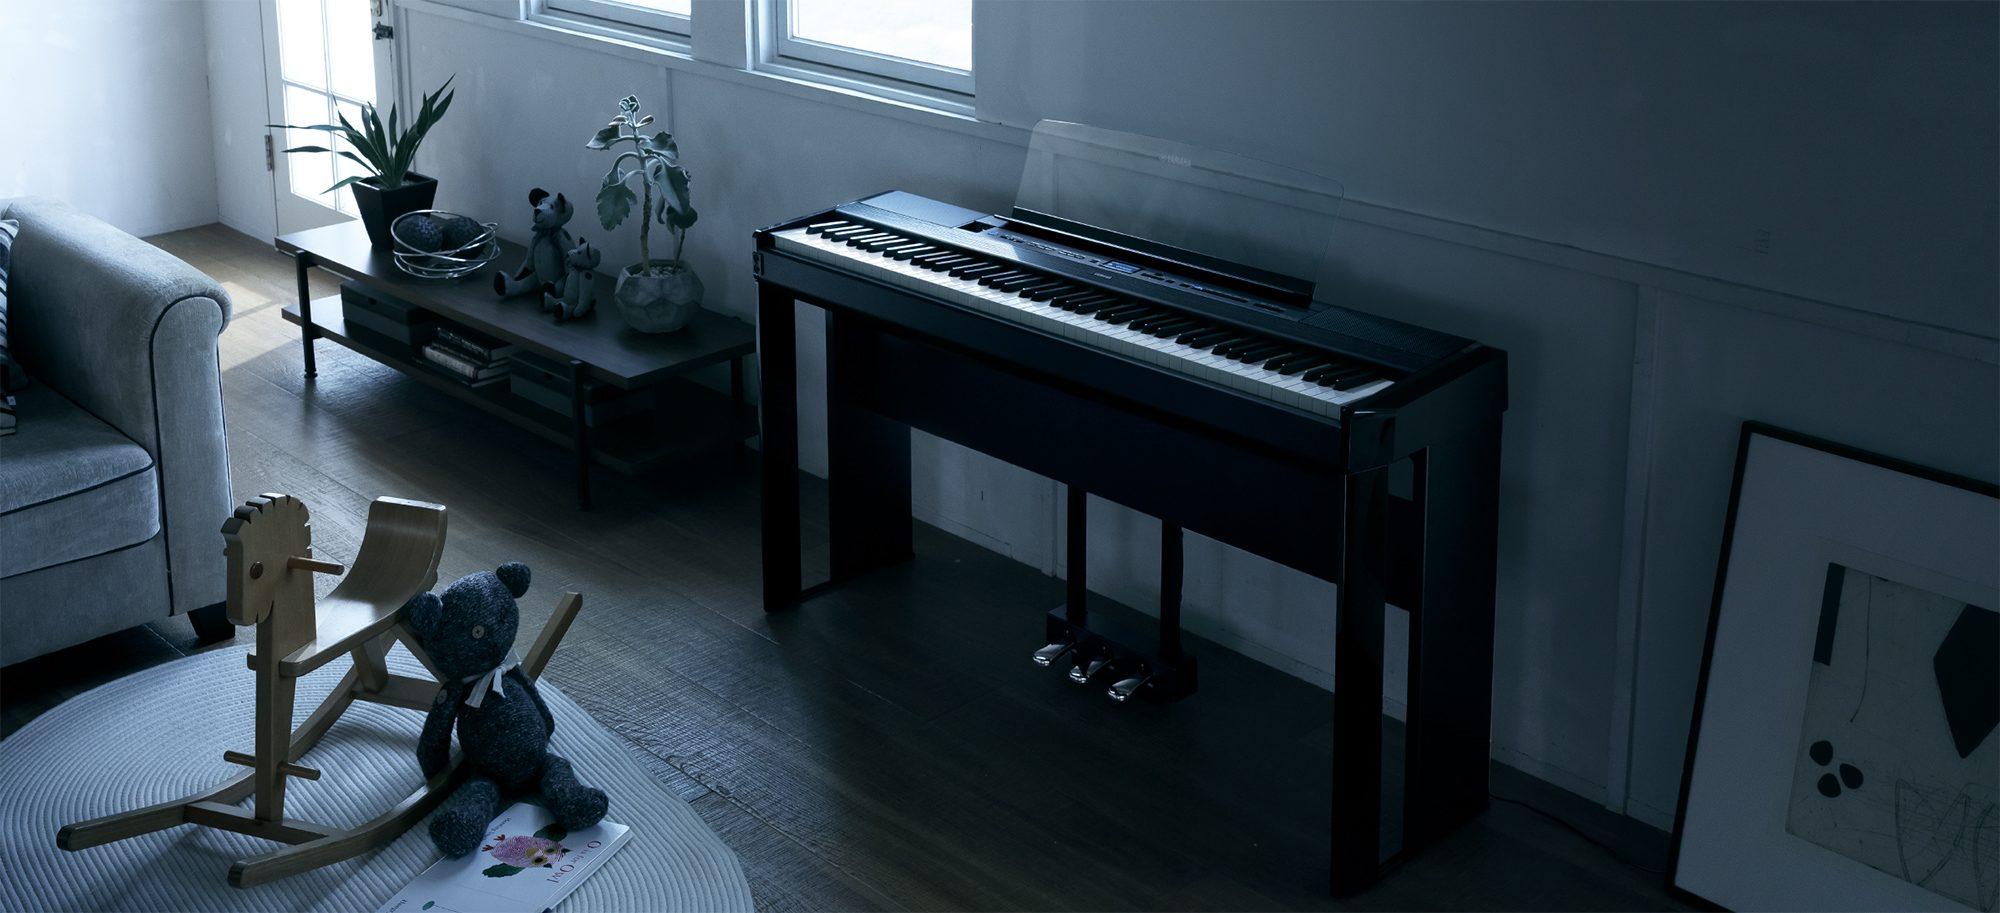 Yamahina nova električna klaviatura P-515